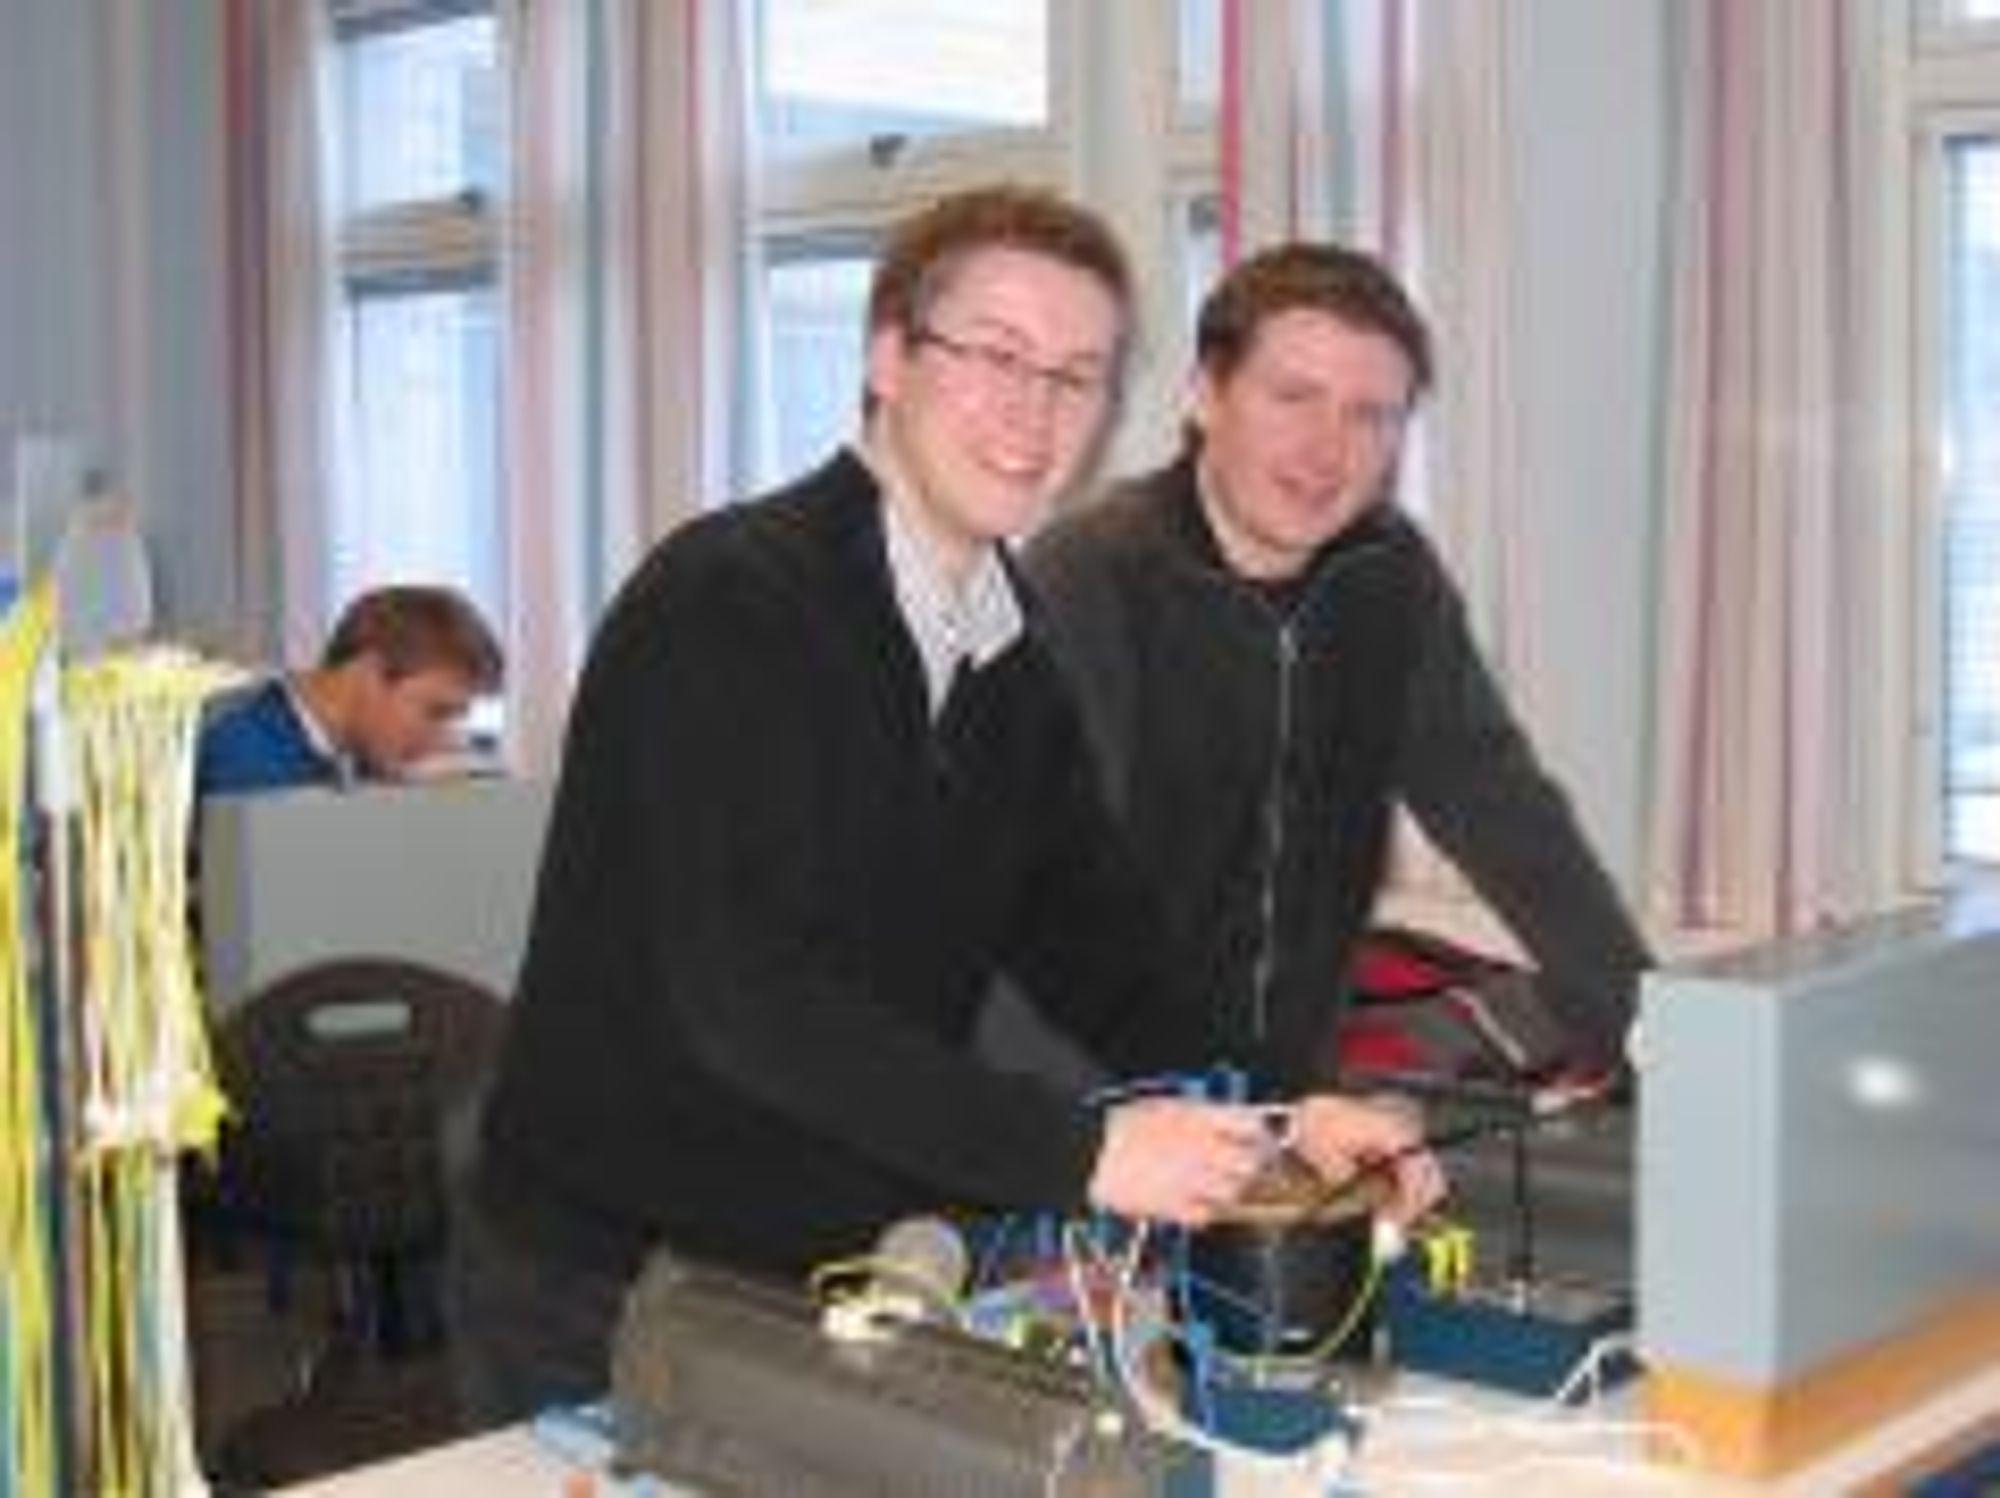 DRAR I LAG: Ingeniørstudentene Torgeir Bertheussen (til venstre) og Arve Næstby trives ved HiN. - Vi har god faglig støtte i hverandre, og sitter gjerne og jobber sammen til langt utover kveldene, forteller de.